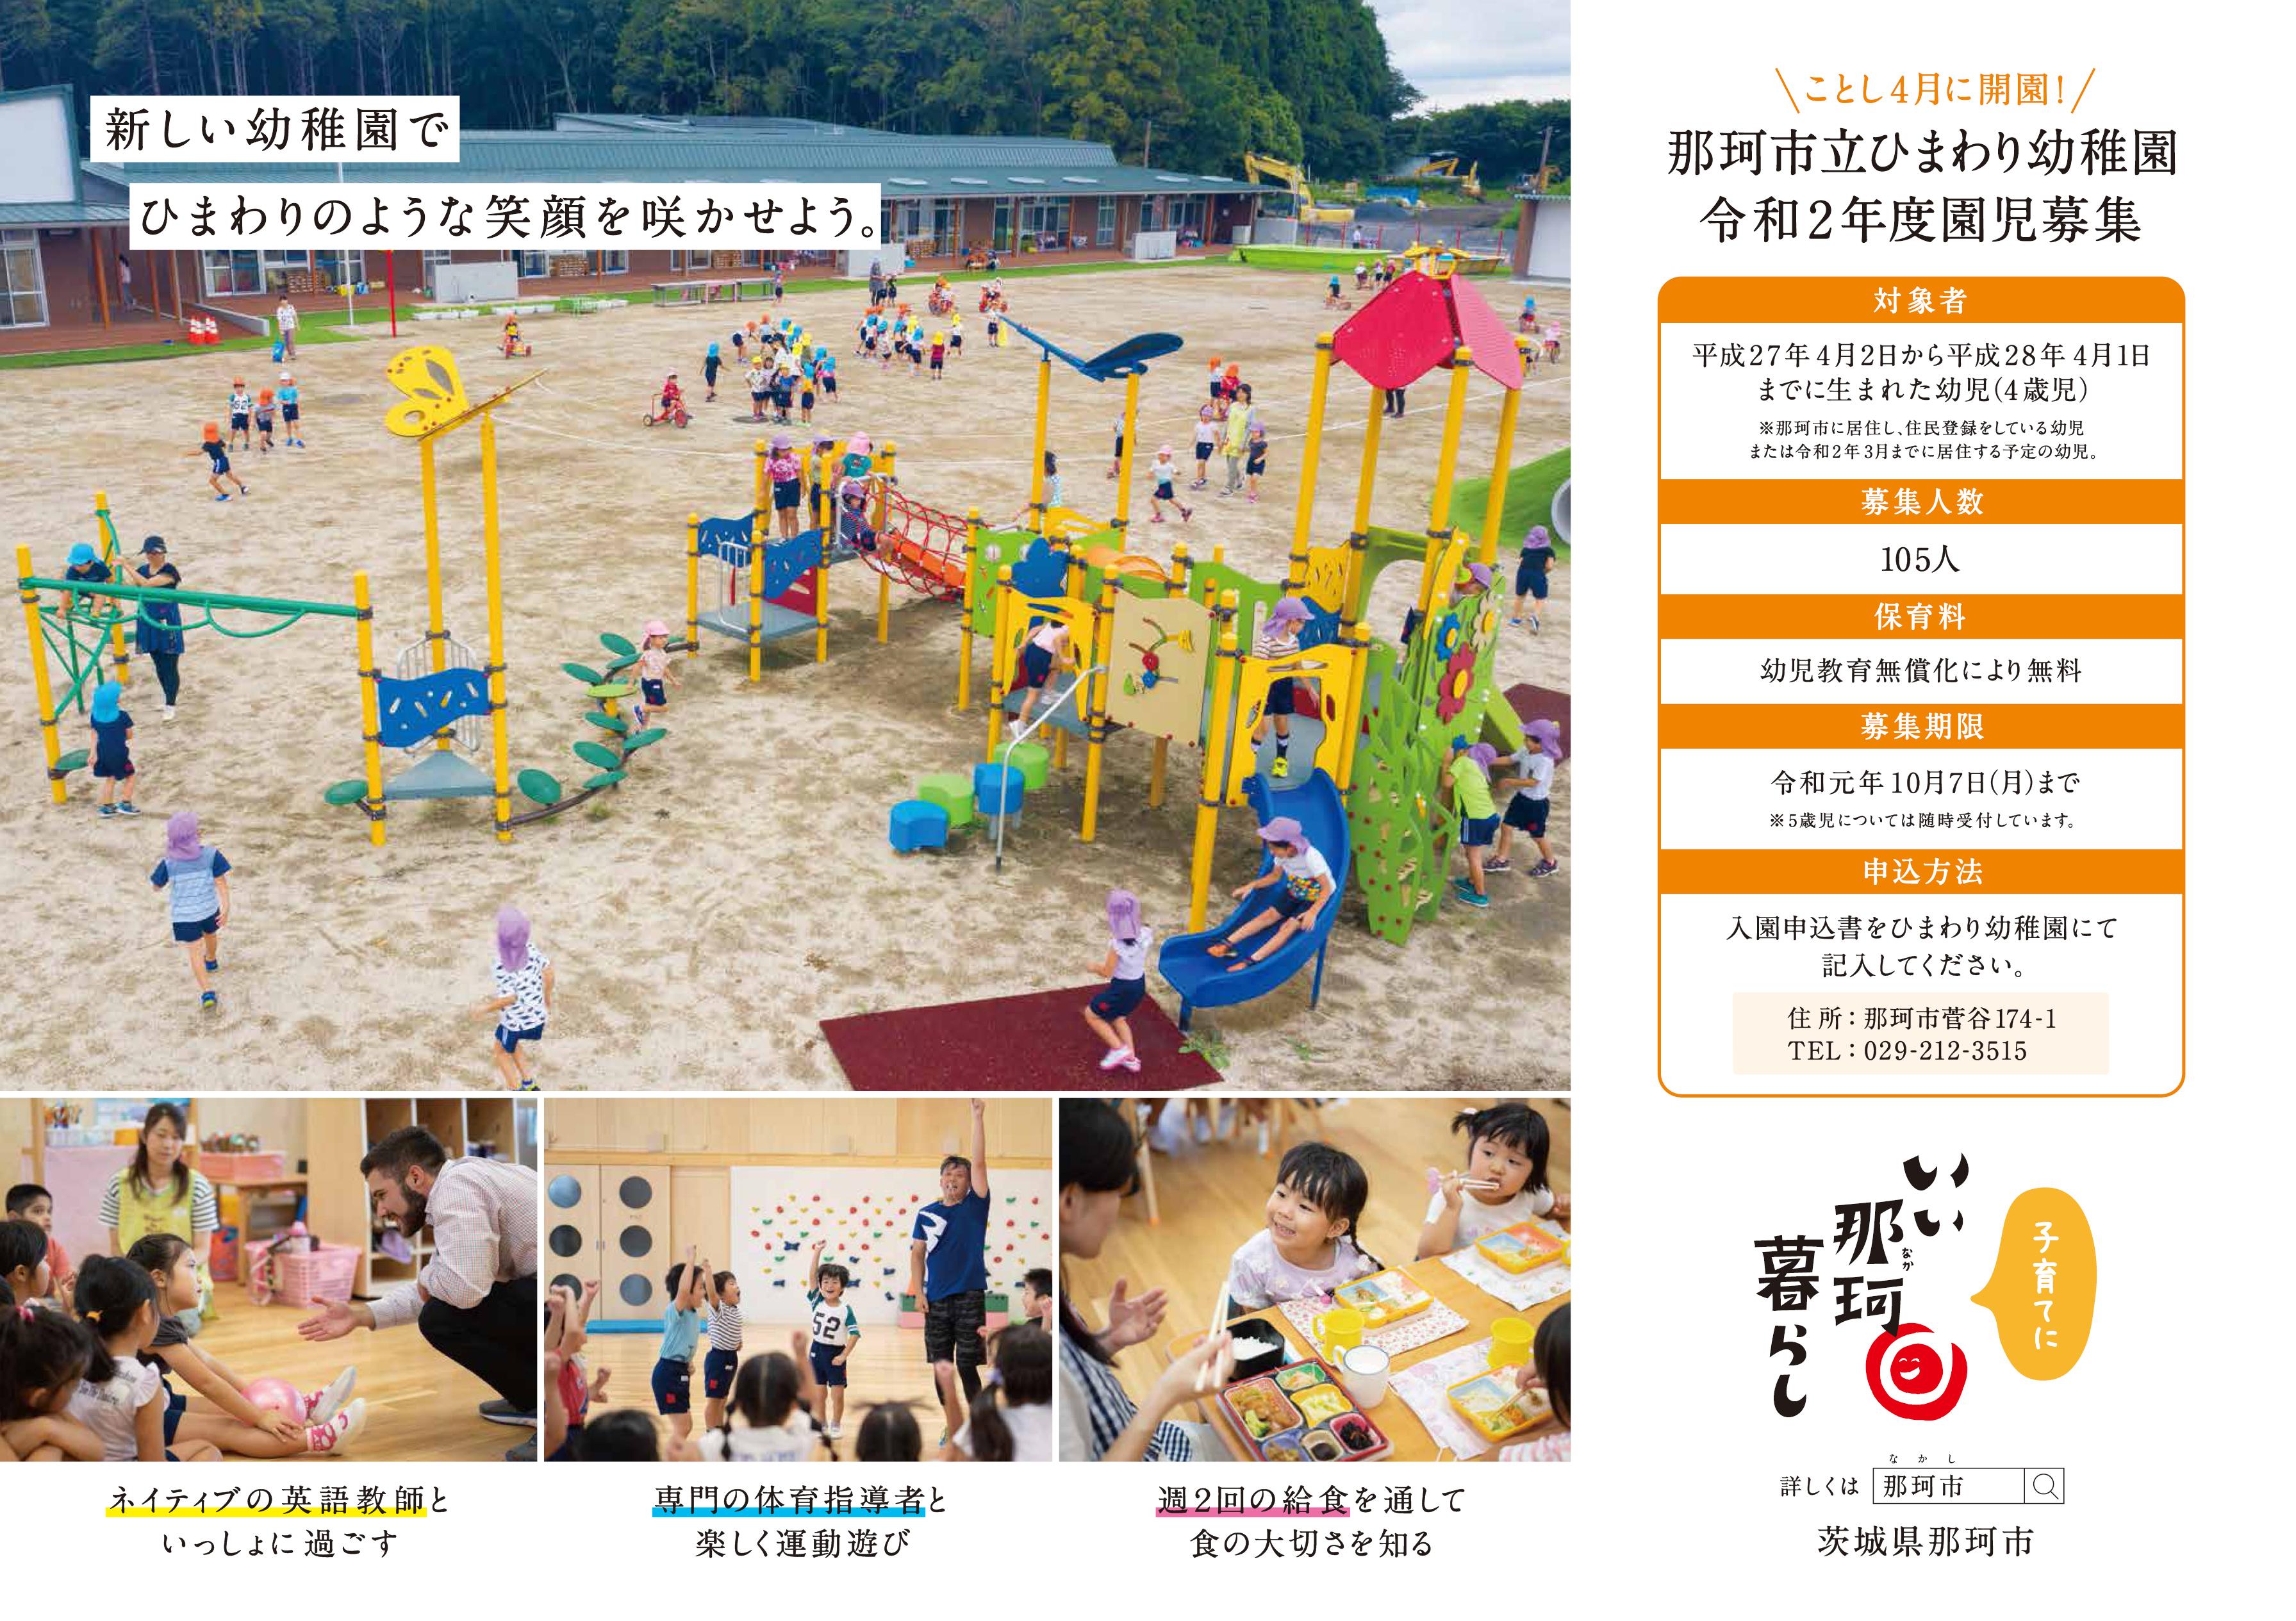 JR水郡線ポスター2019_10